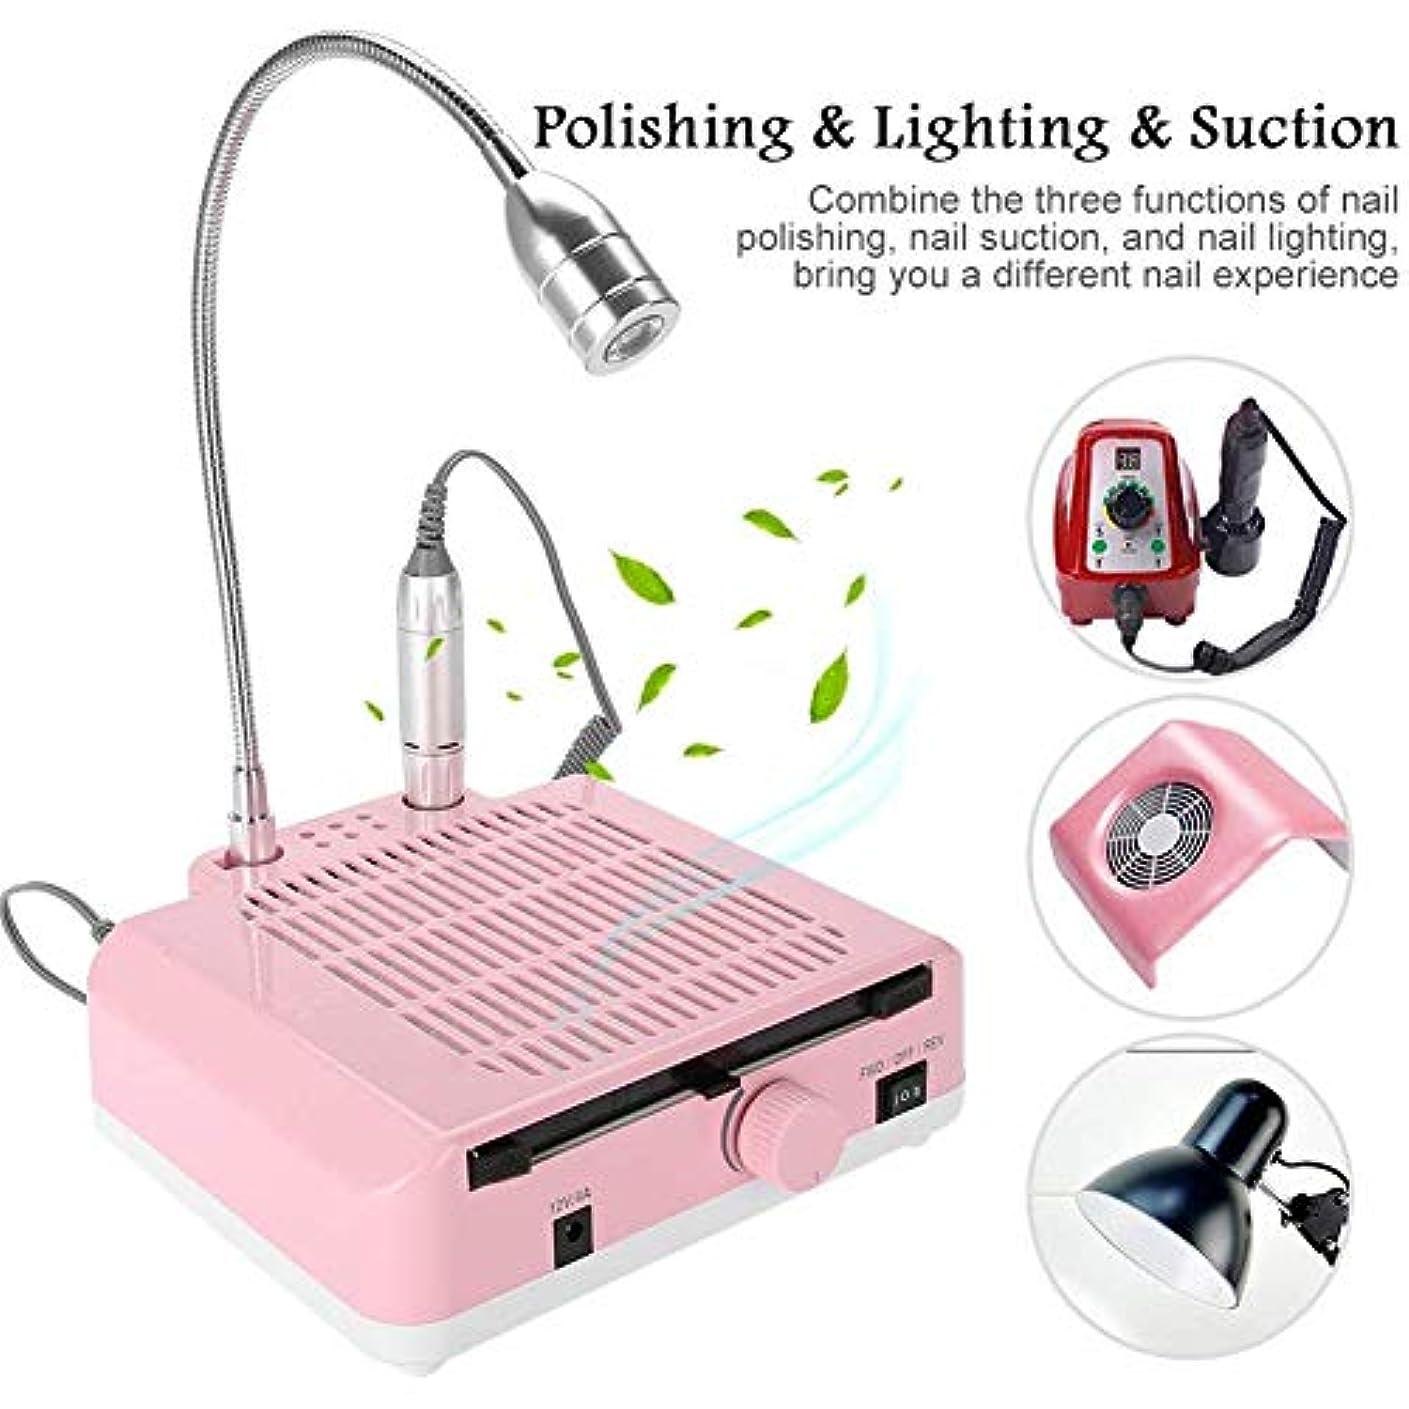 ハンディキャップ知性フィット3-in-1 60WネイルダストコレクターダストコレクターマシンとネイルグラインドポリッシュサクションエクストラクタとLEDライトネイルアートマニキュアツール(ピンク)